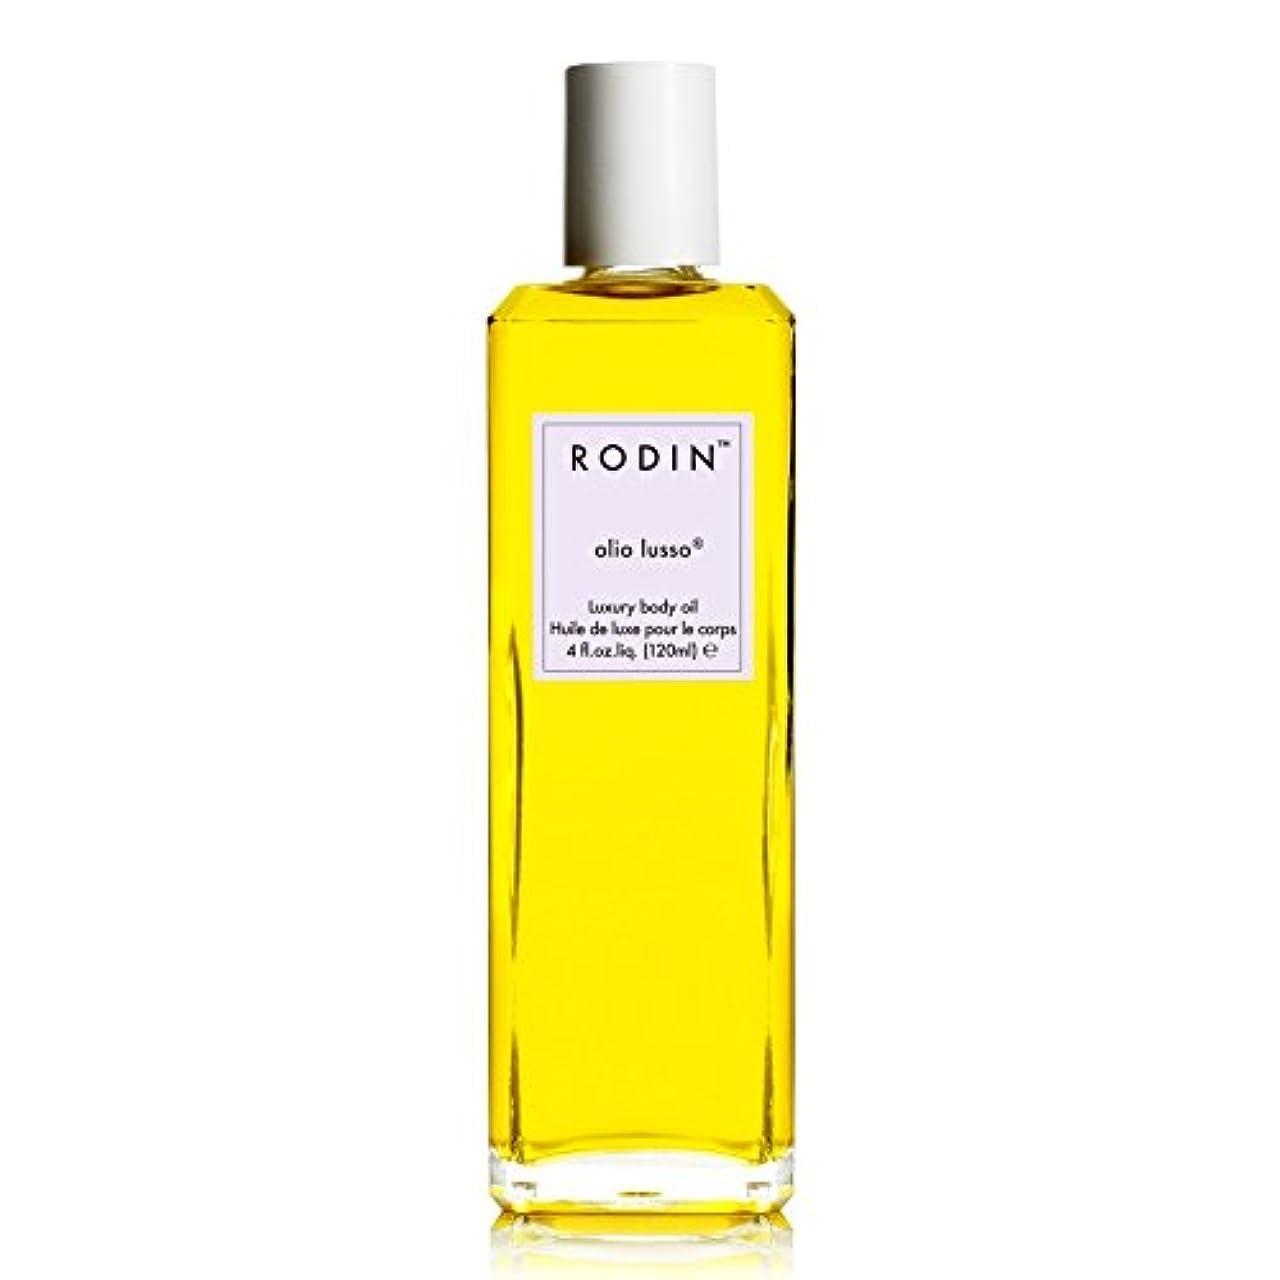 ダウン珍しいコンデンサーロダンルッソラベンダー絶対贅沢なボディオイル30ミリリットル x2 - RODIN olio lusso Lavender Absolute Luxury Body Oil 30ml (Pack of 2) [並行輸入品]